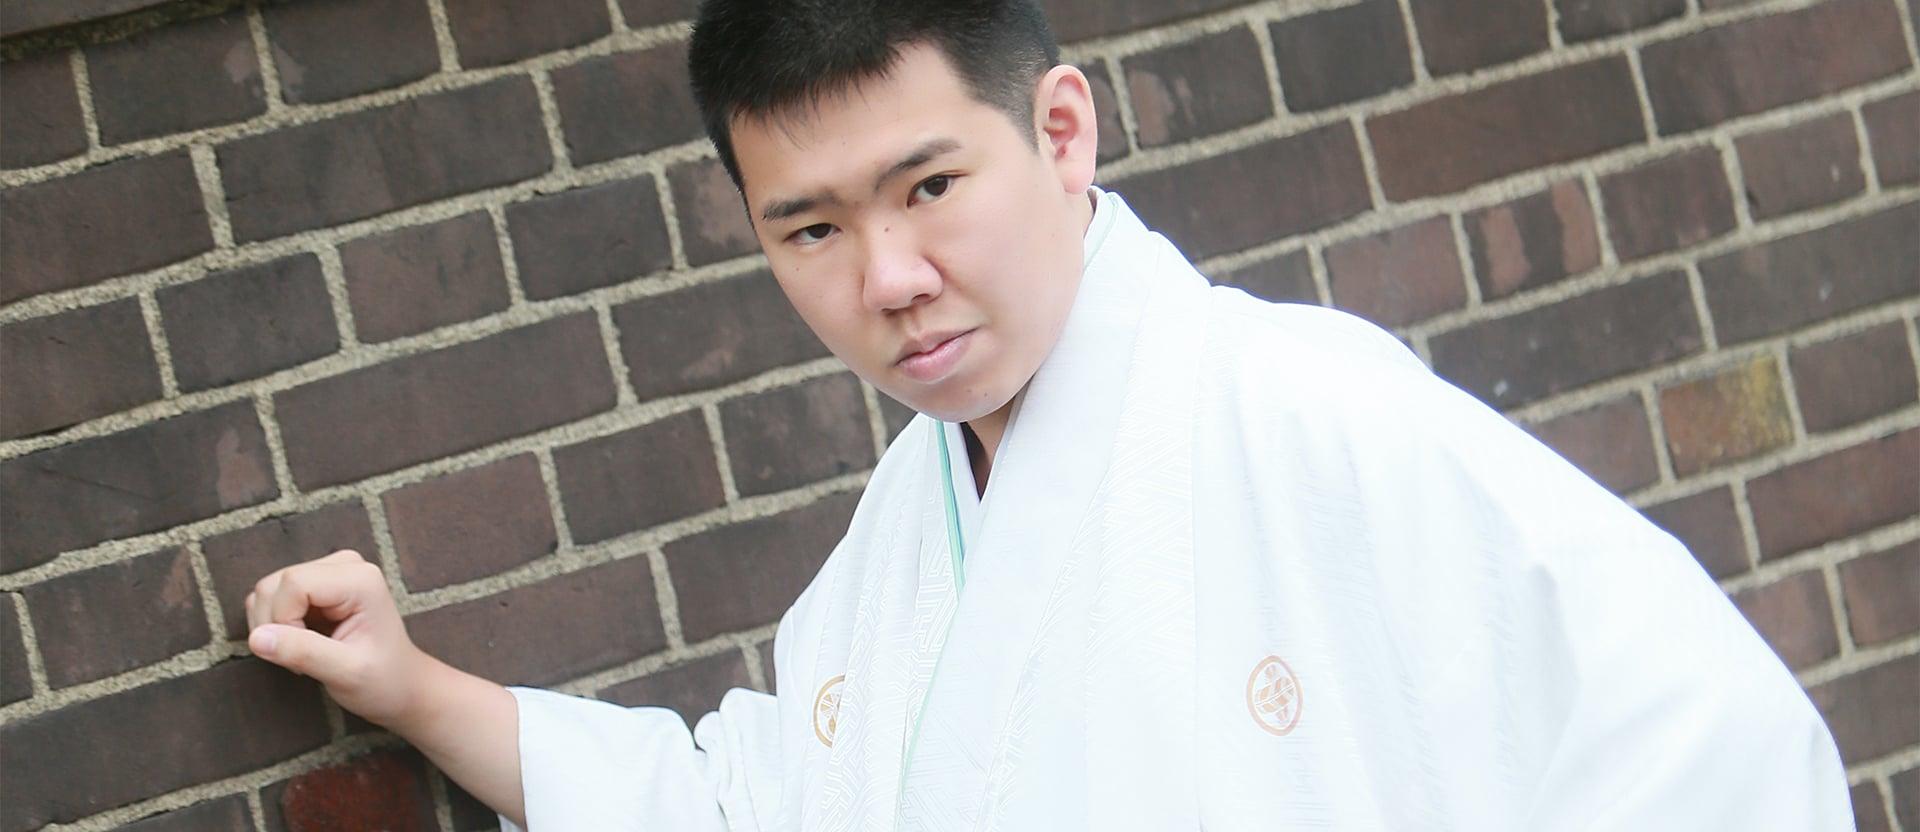 千葉県の着物・振袖のみかわや|男性羽織袴